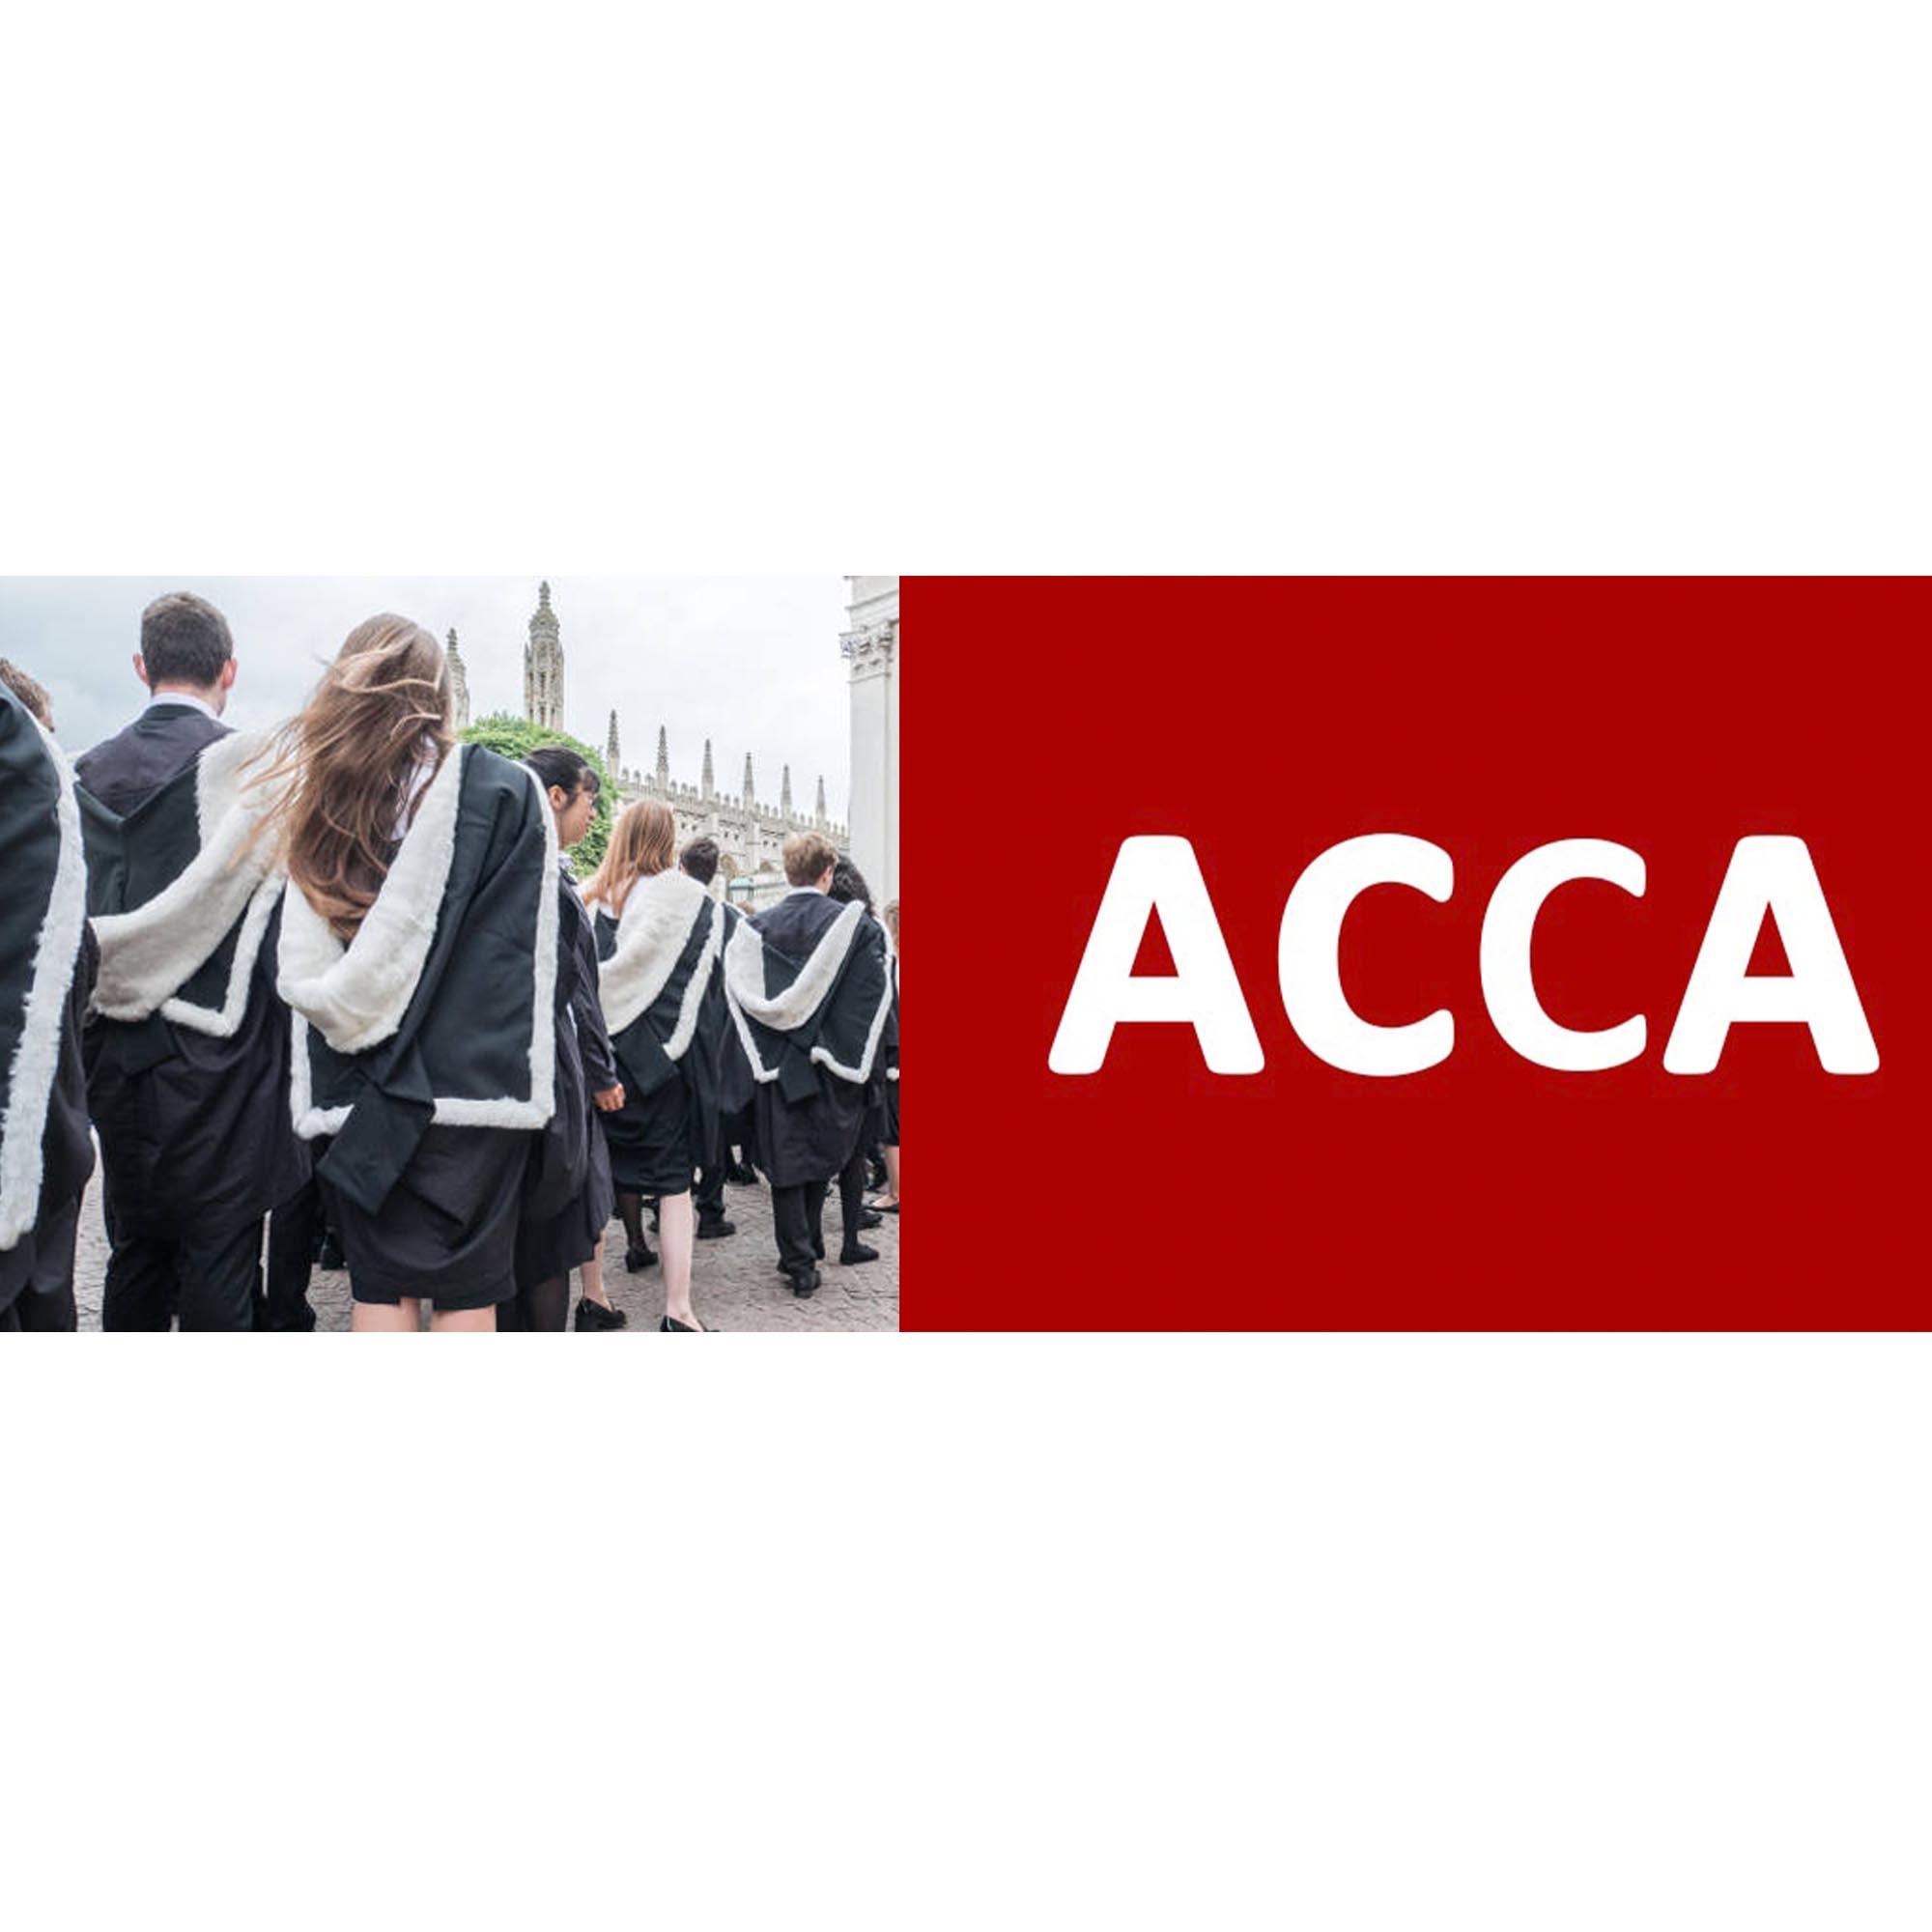 گرفتن مدرک آکسفورد بروکس از طریق ACCA یا از طریق  تحصیل در انگلستان؟